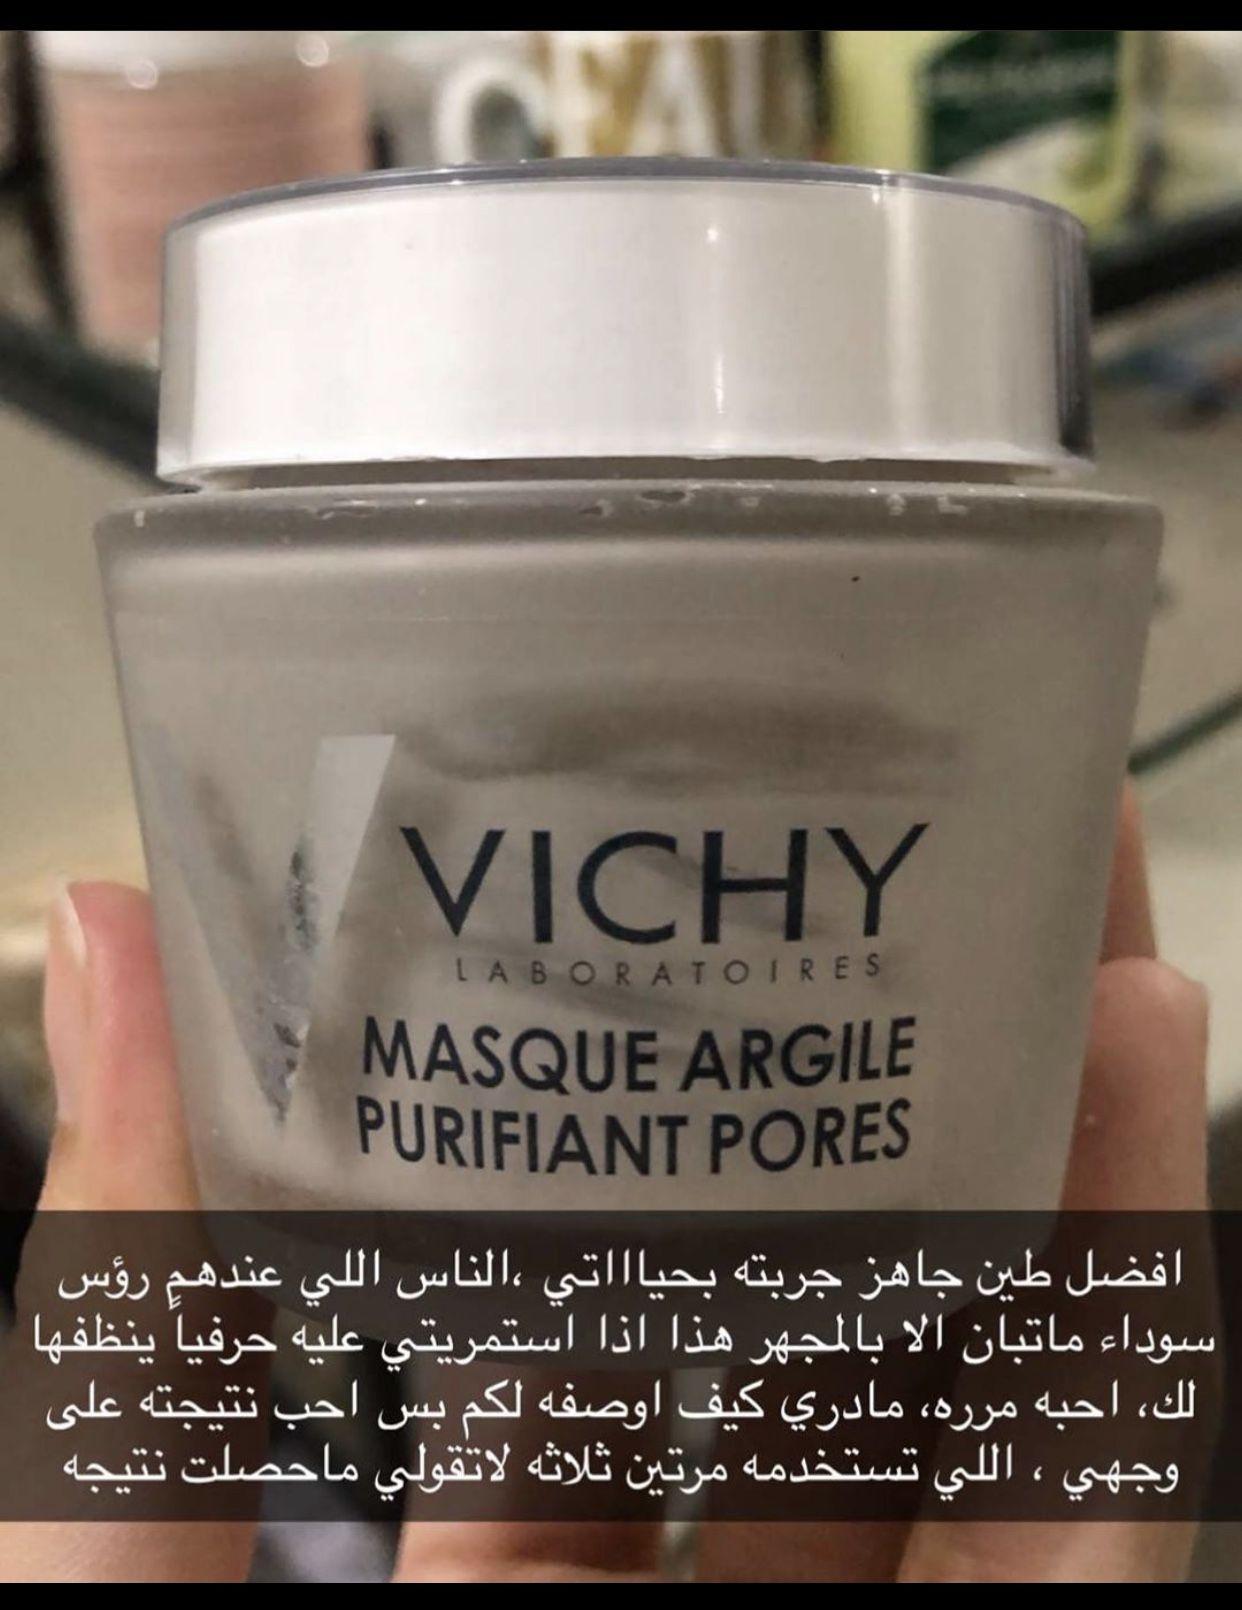 Face Mask Aesthetic Girl Beauty Skin Care Routine Aesthetic Girl Skin Care Mask